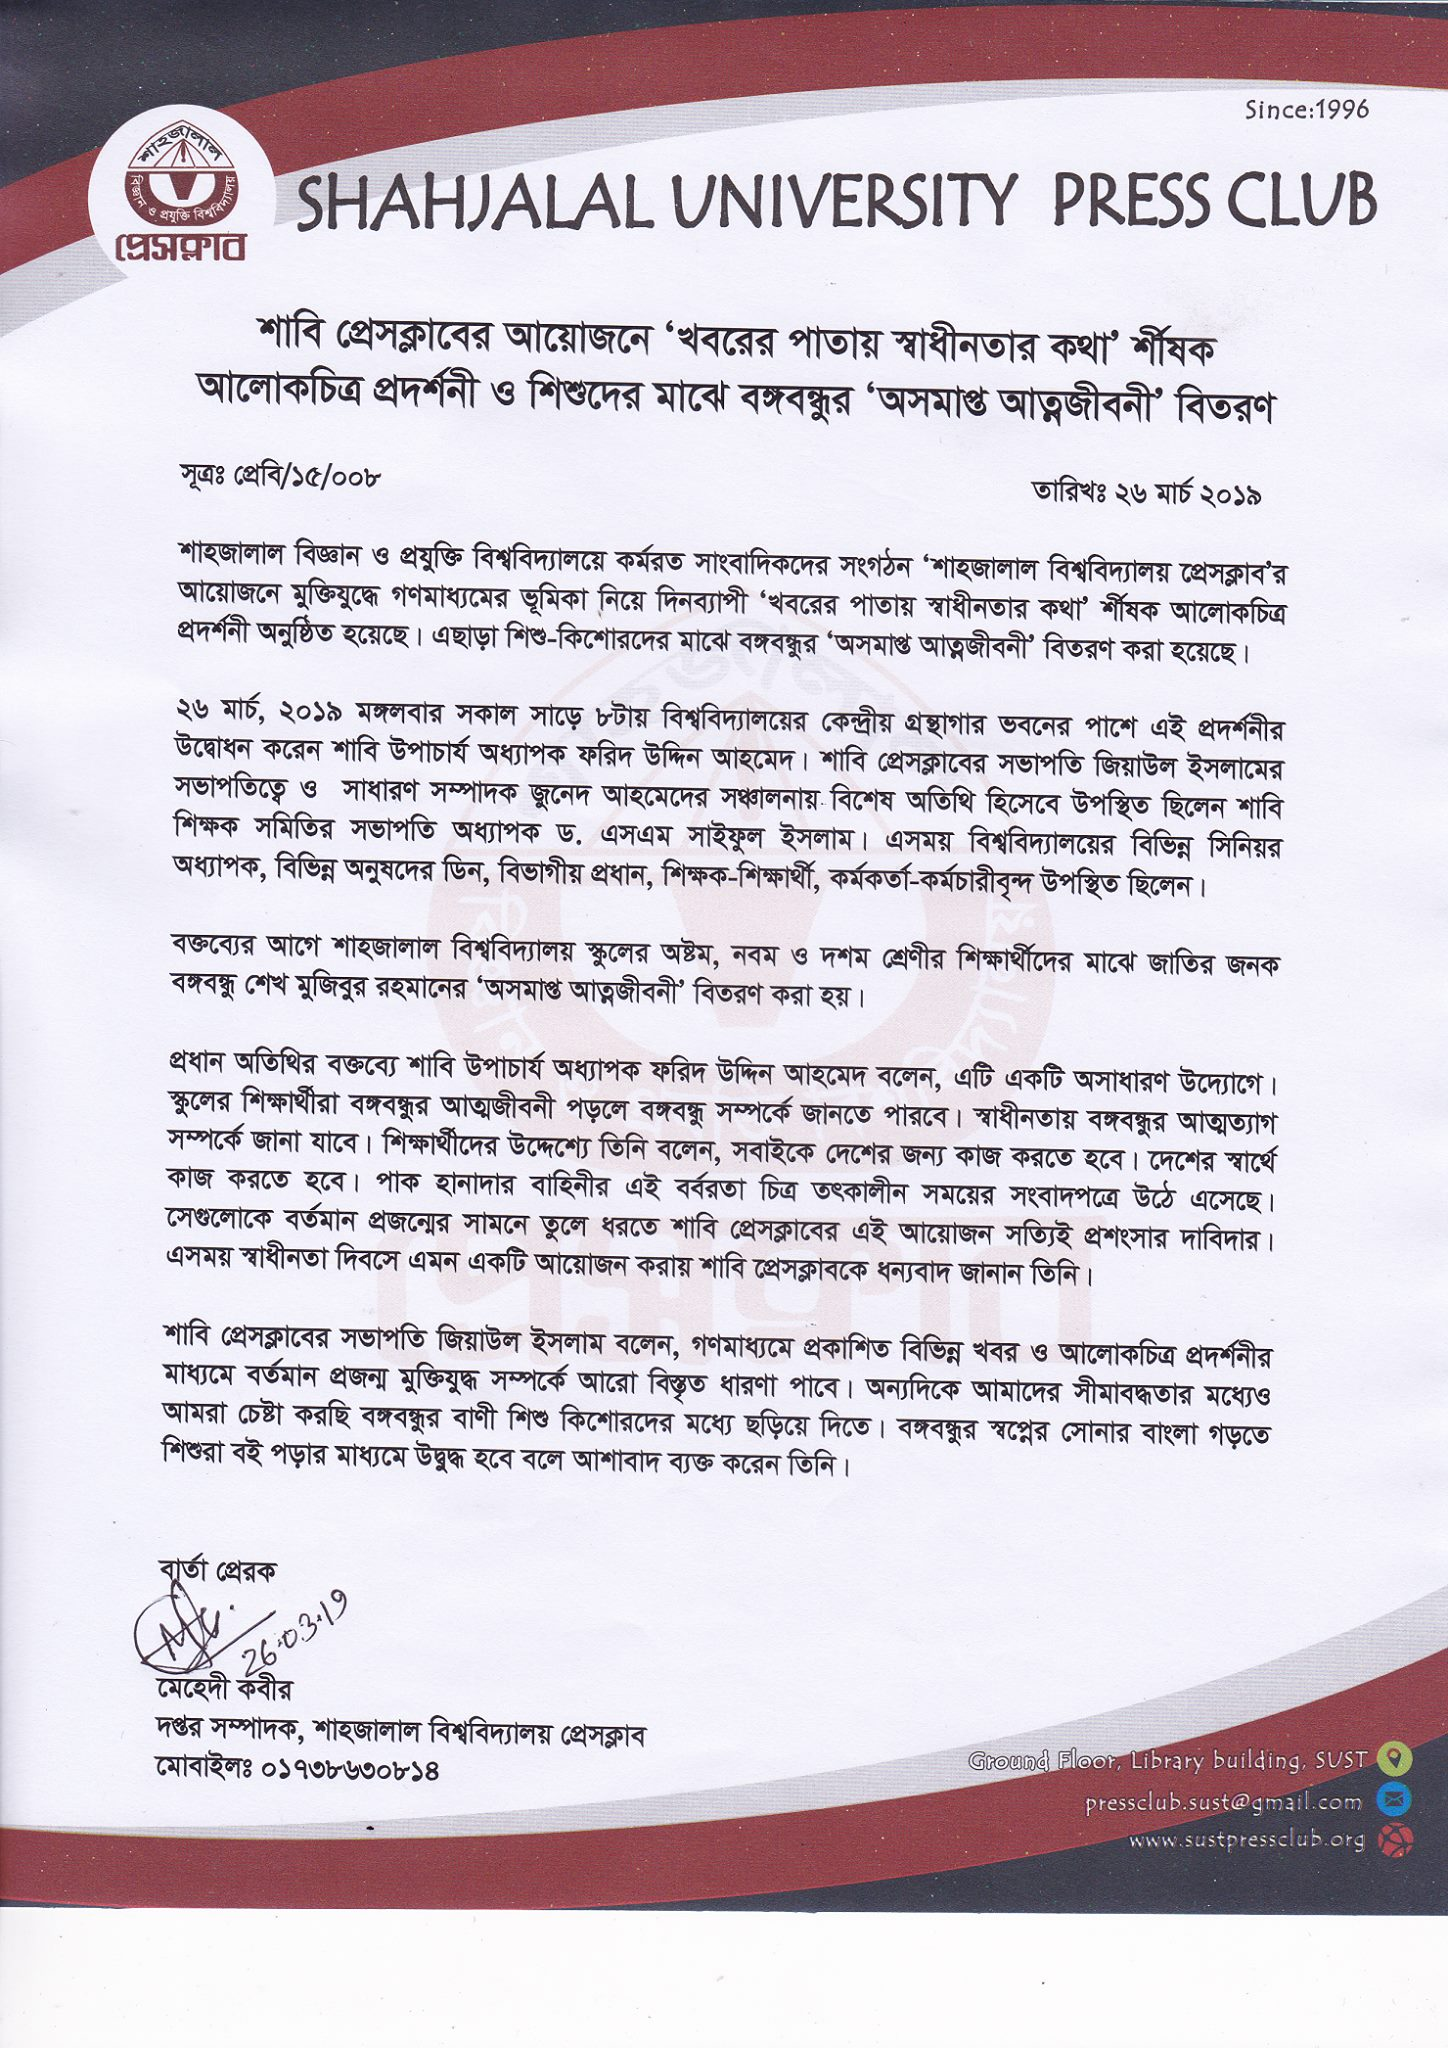 শাবি প্রেসক্লাবের আয়োজনে 'খবরের পাতায় স্বাধীনতার কথা' শীর্ষক আলোকচিত্র প্রদর্শনী ও শিশুদের মাঝে বঙ্গবন্ধুর 'অসমাপ্ত আত্নজীবনী' বিতরণ